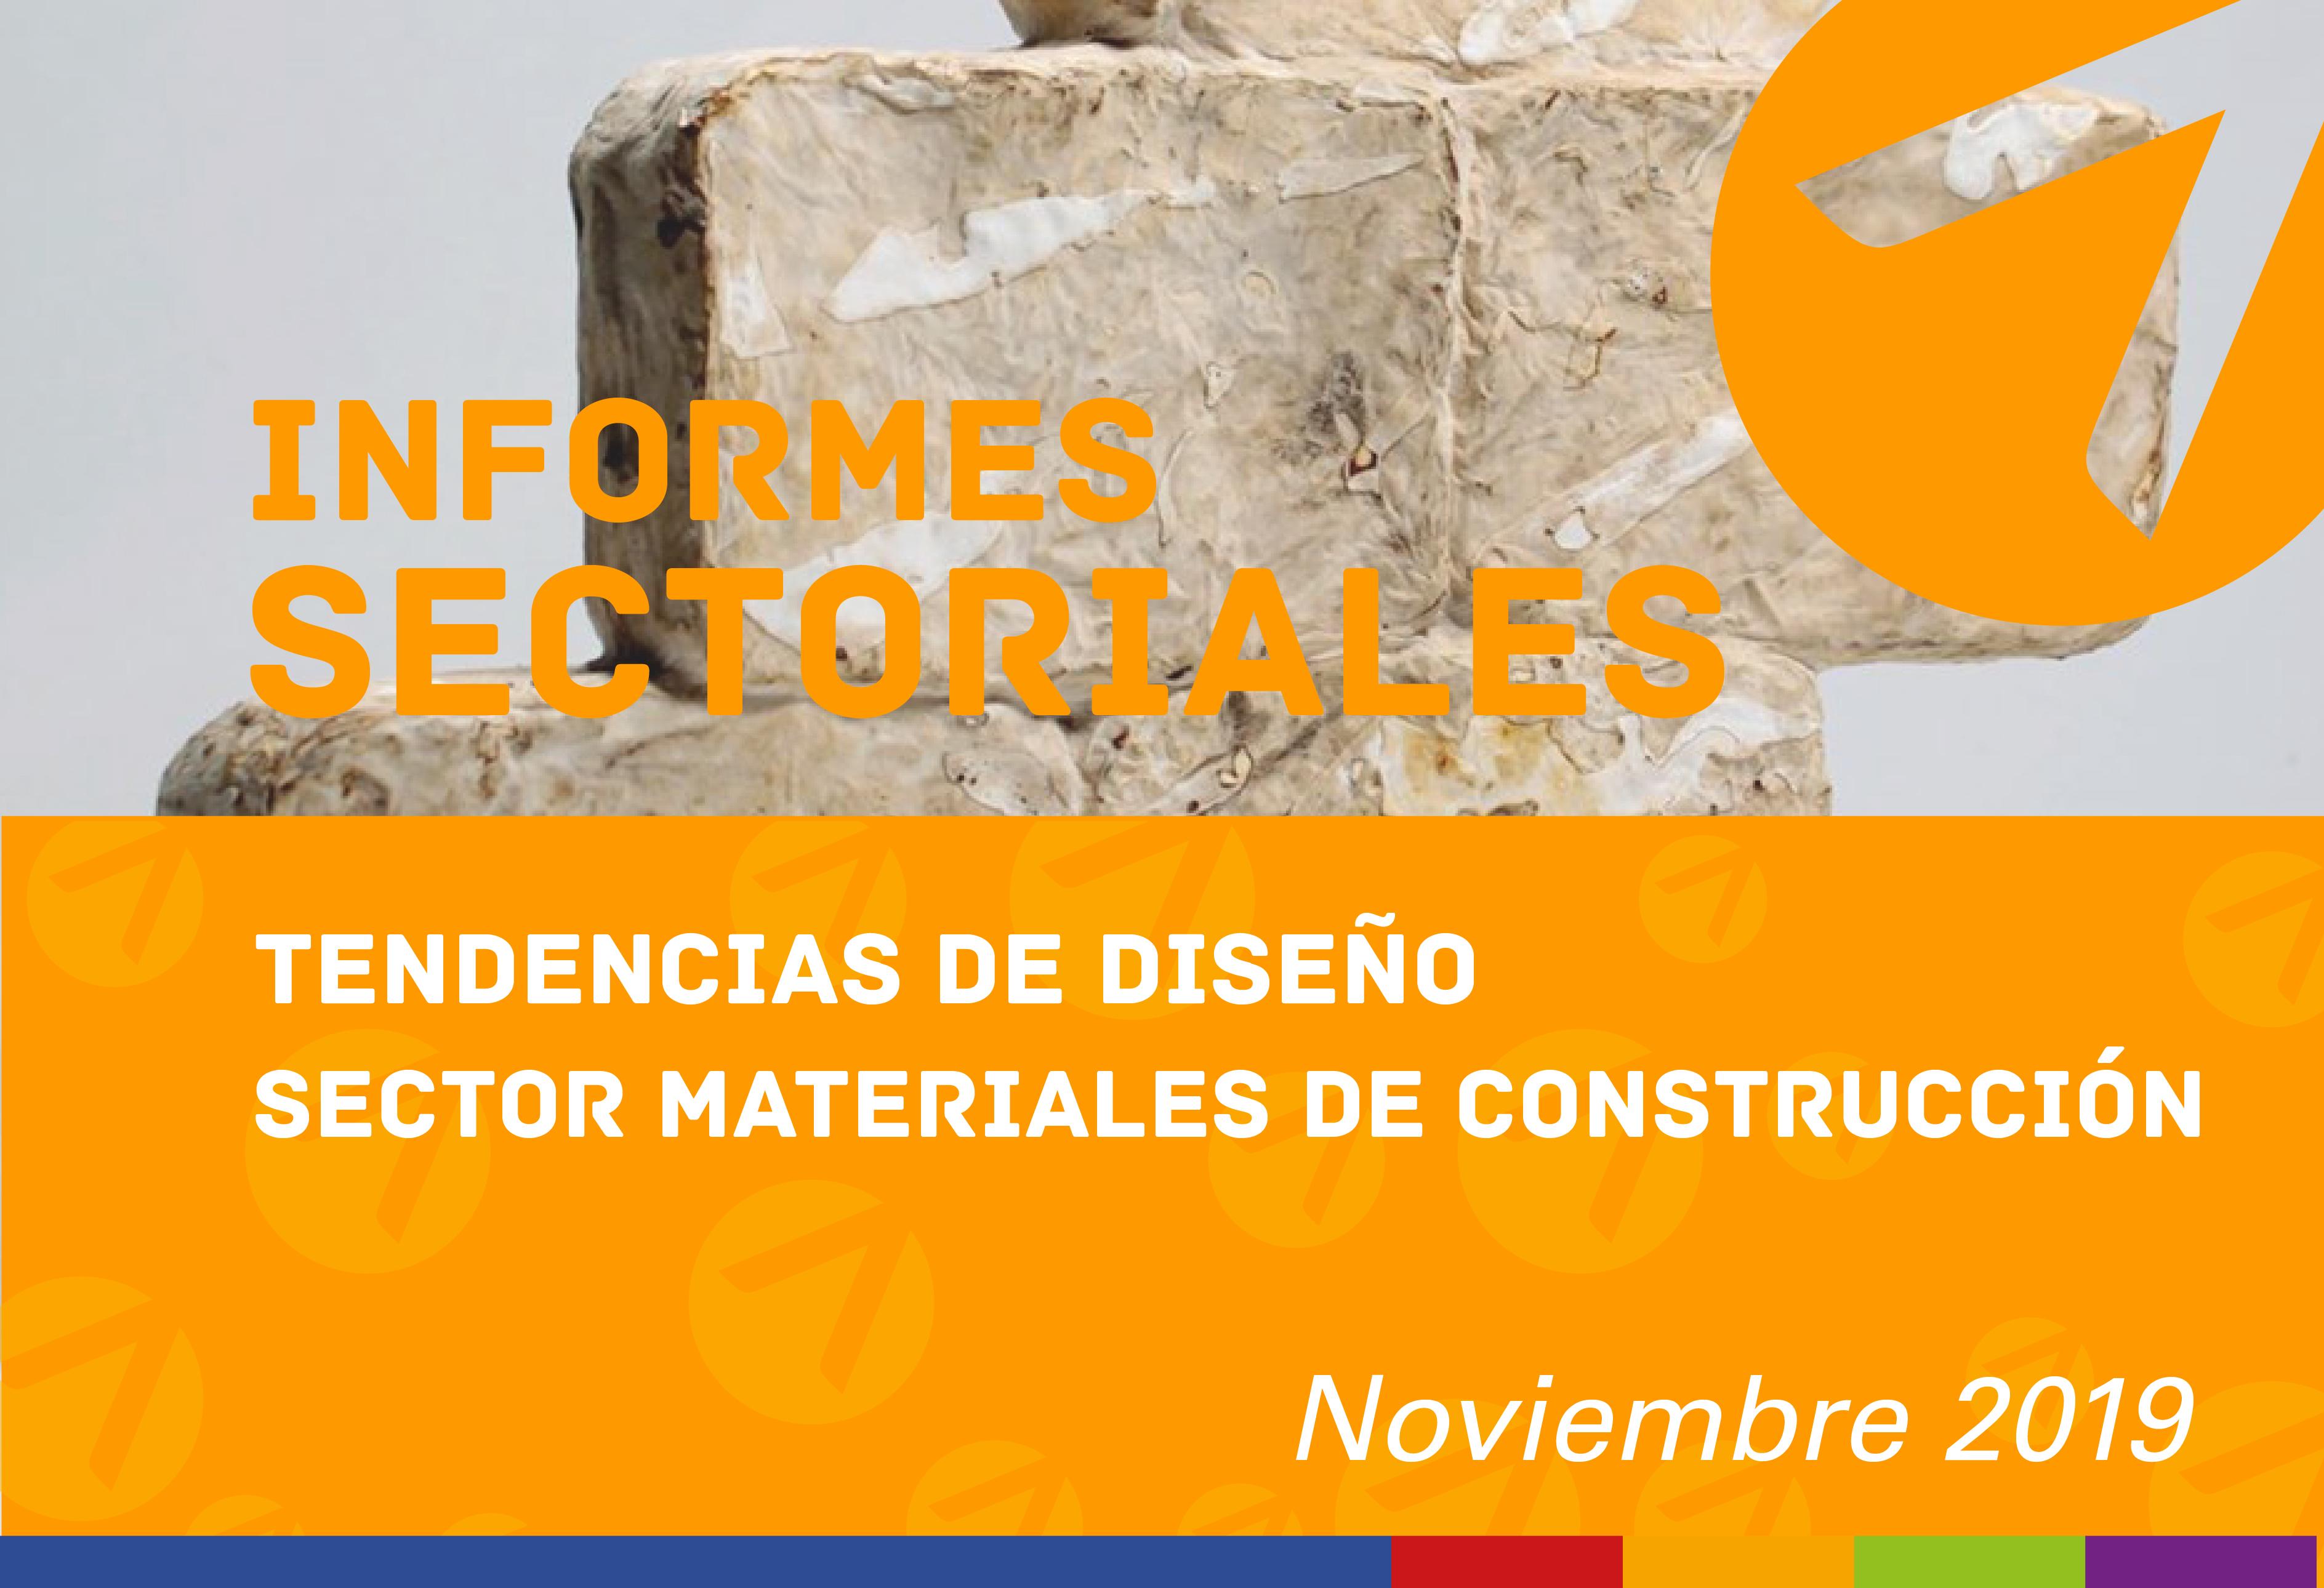 Tendencias de diseño para el sector materiales de construcción